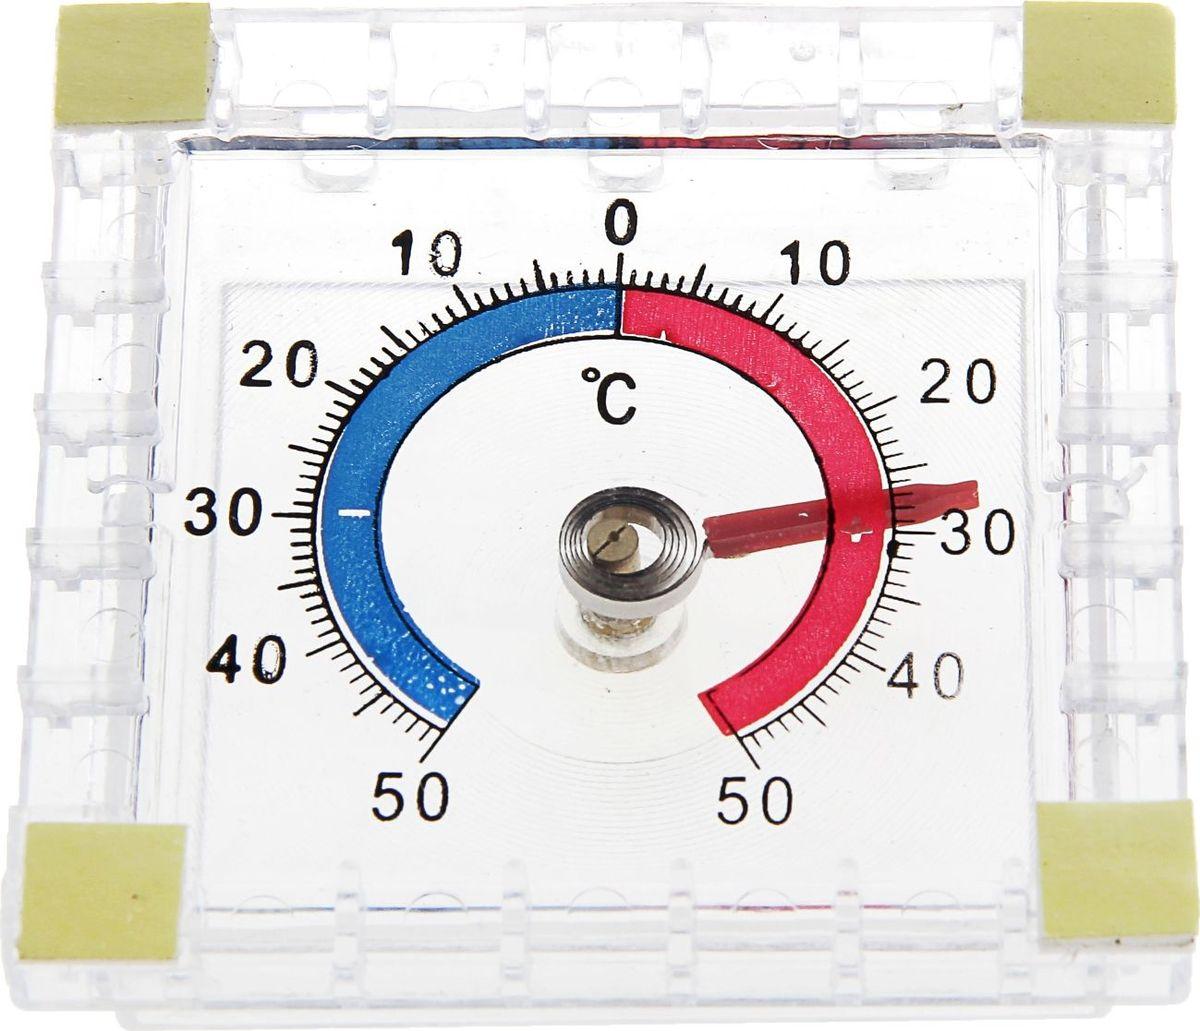 Термометр садовый Квадрат, механический, уличный, 8 х 8 см769819Термометр предназначен для определения температуры воздуха снаружи помещения. Прибор отображает температуру по шкале Цельсия. Отсутствие ртути делает изделие абсолютно безопасным в эксплуатации. Яркая цветная шкала поможет увидеть показатели погоды даже издалека. Характеристики Тип: спиртовой. Отображение температуры воздуха (С°/ F°). Материал: пластик. Будьте готовы к любой погоде!